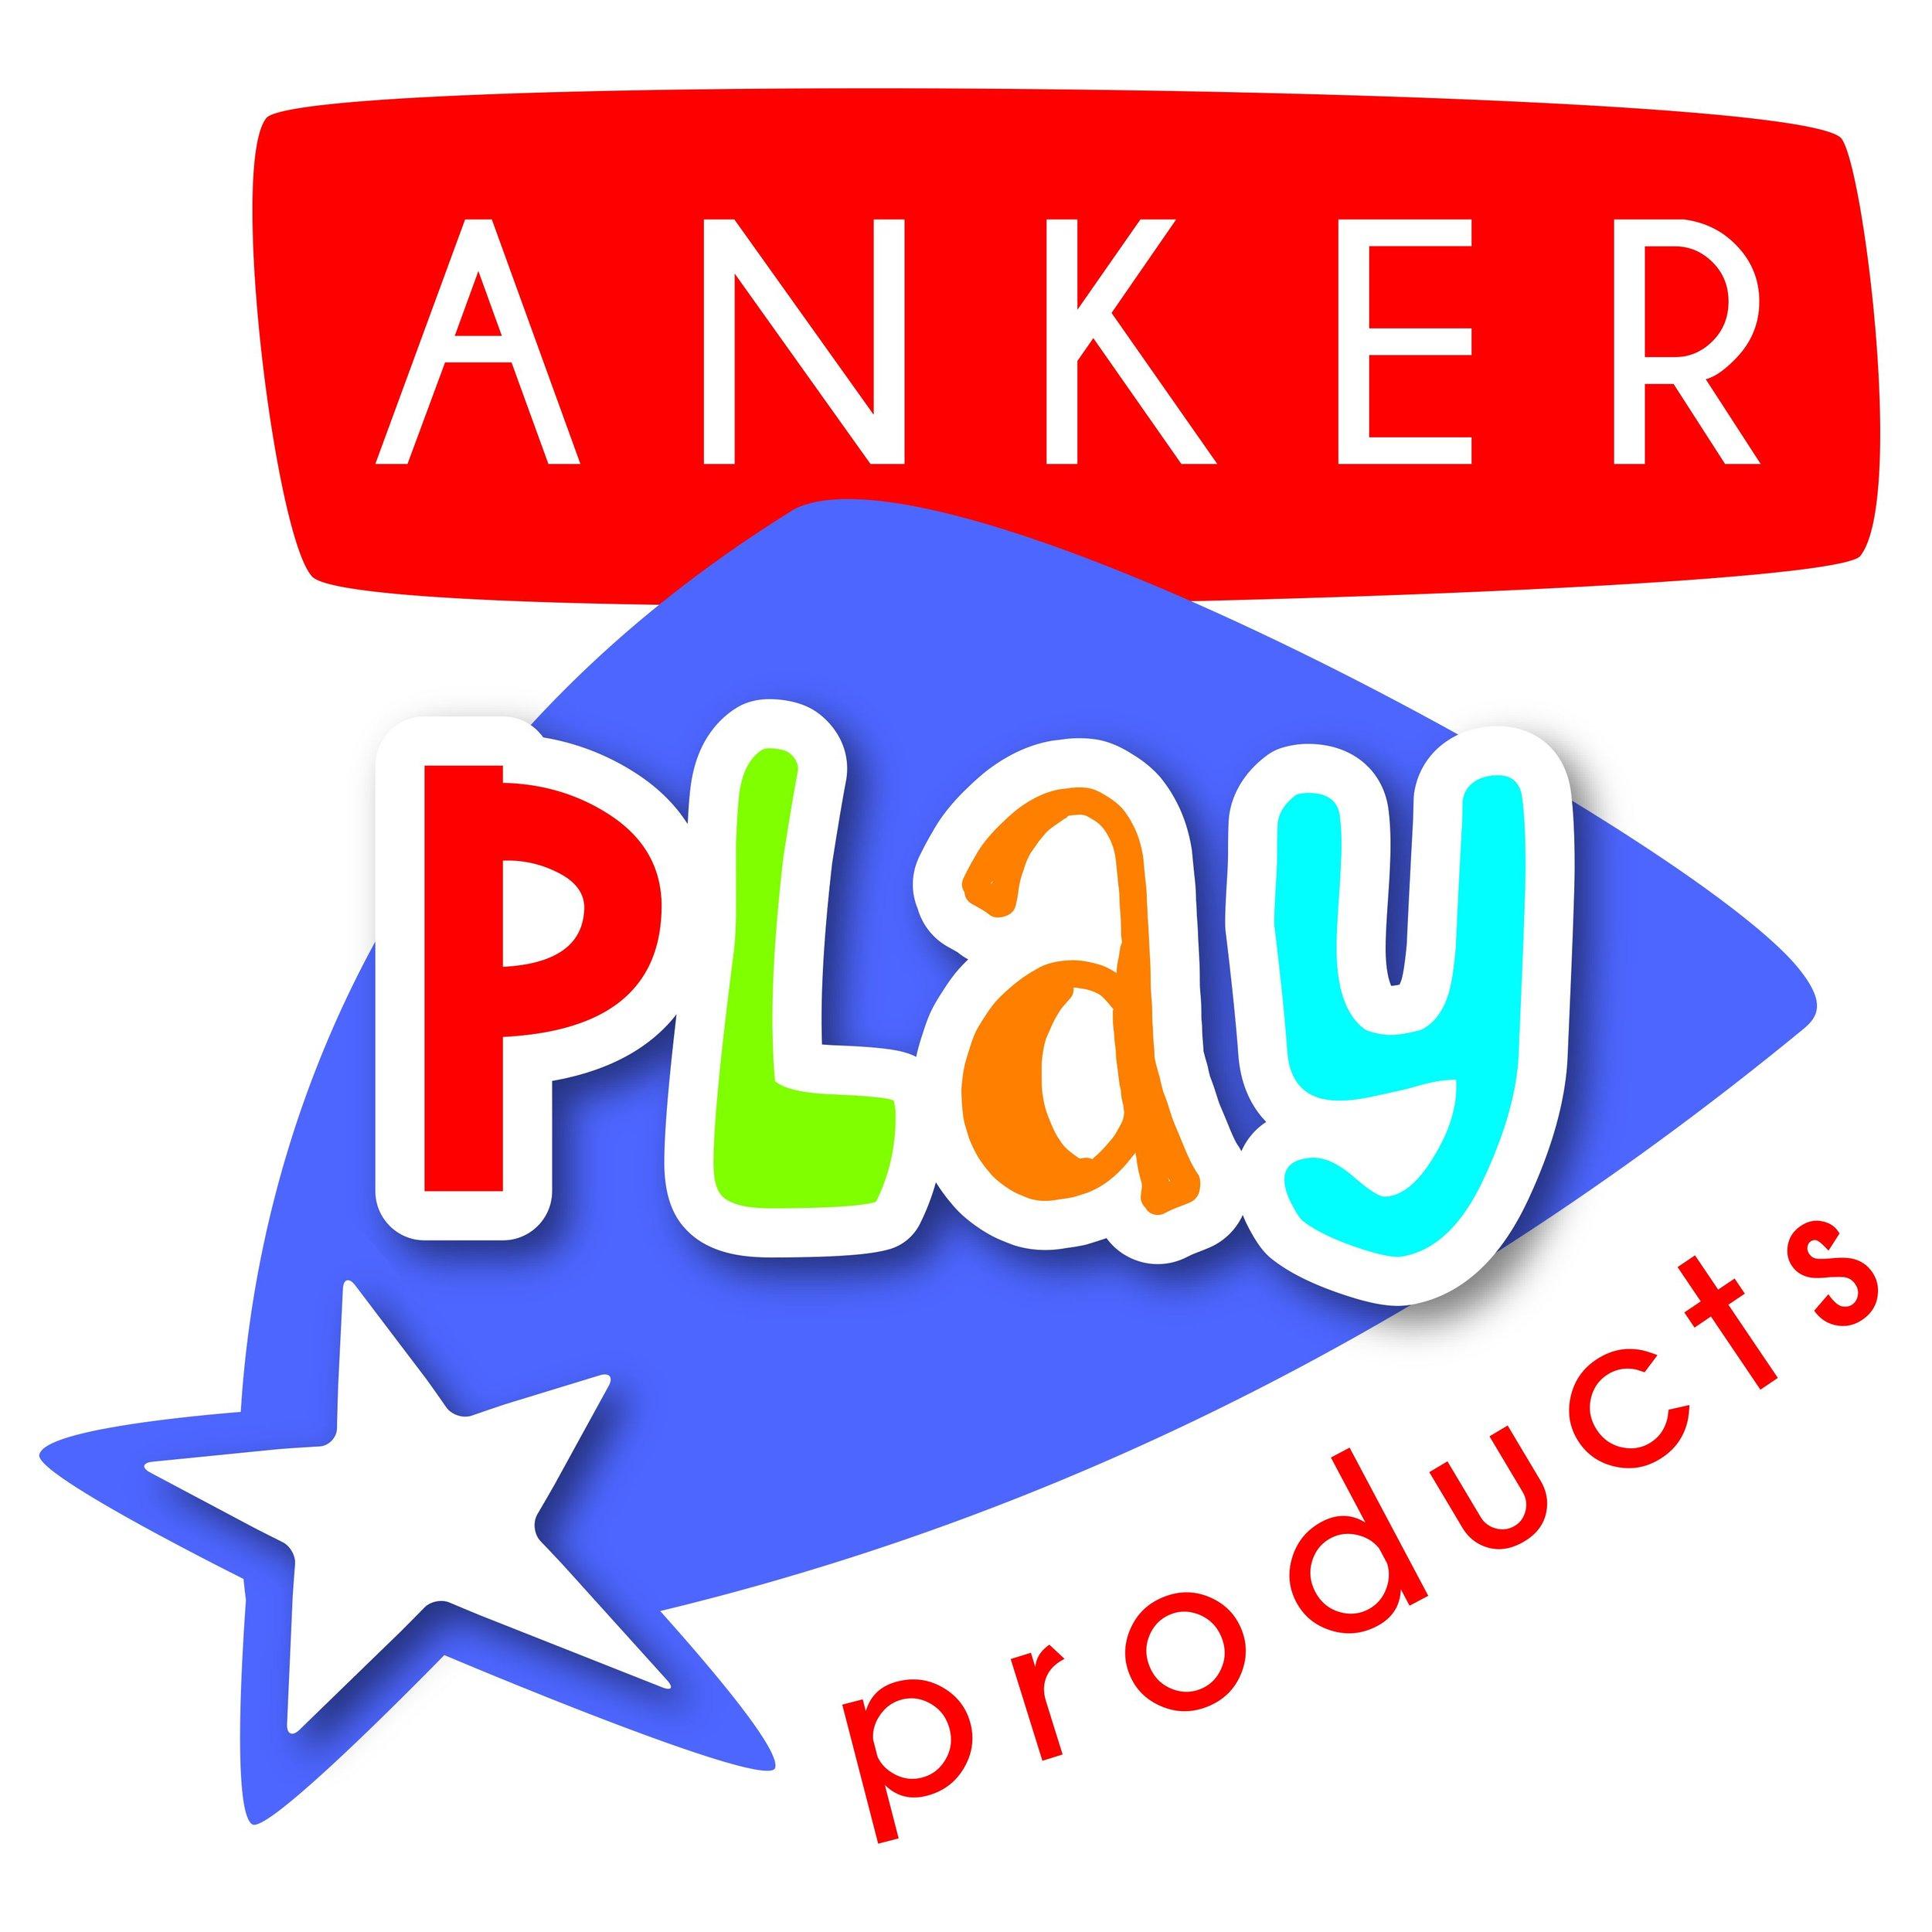 Anker Play logo.jpg